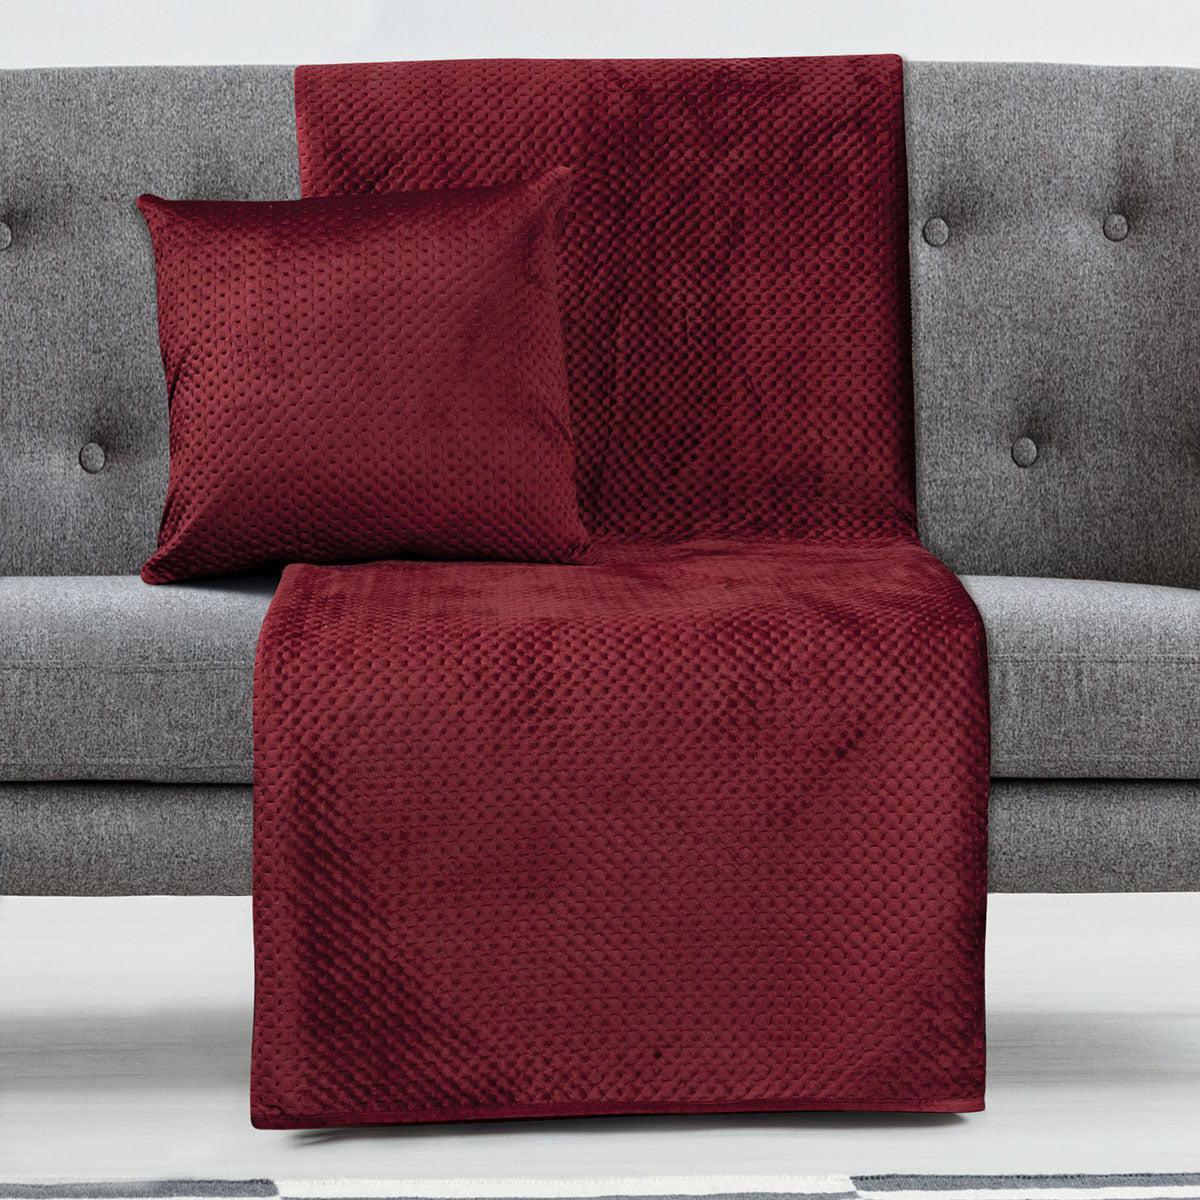 Ριχτάρι Τριθέσιο Velvety 180×300 Art 8352 Κόκκινο Beauty Home